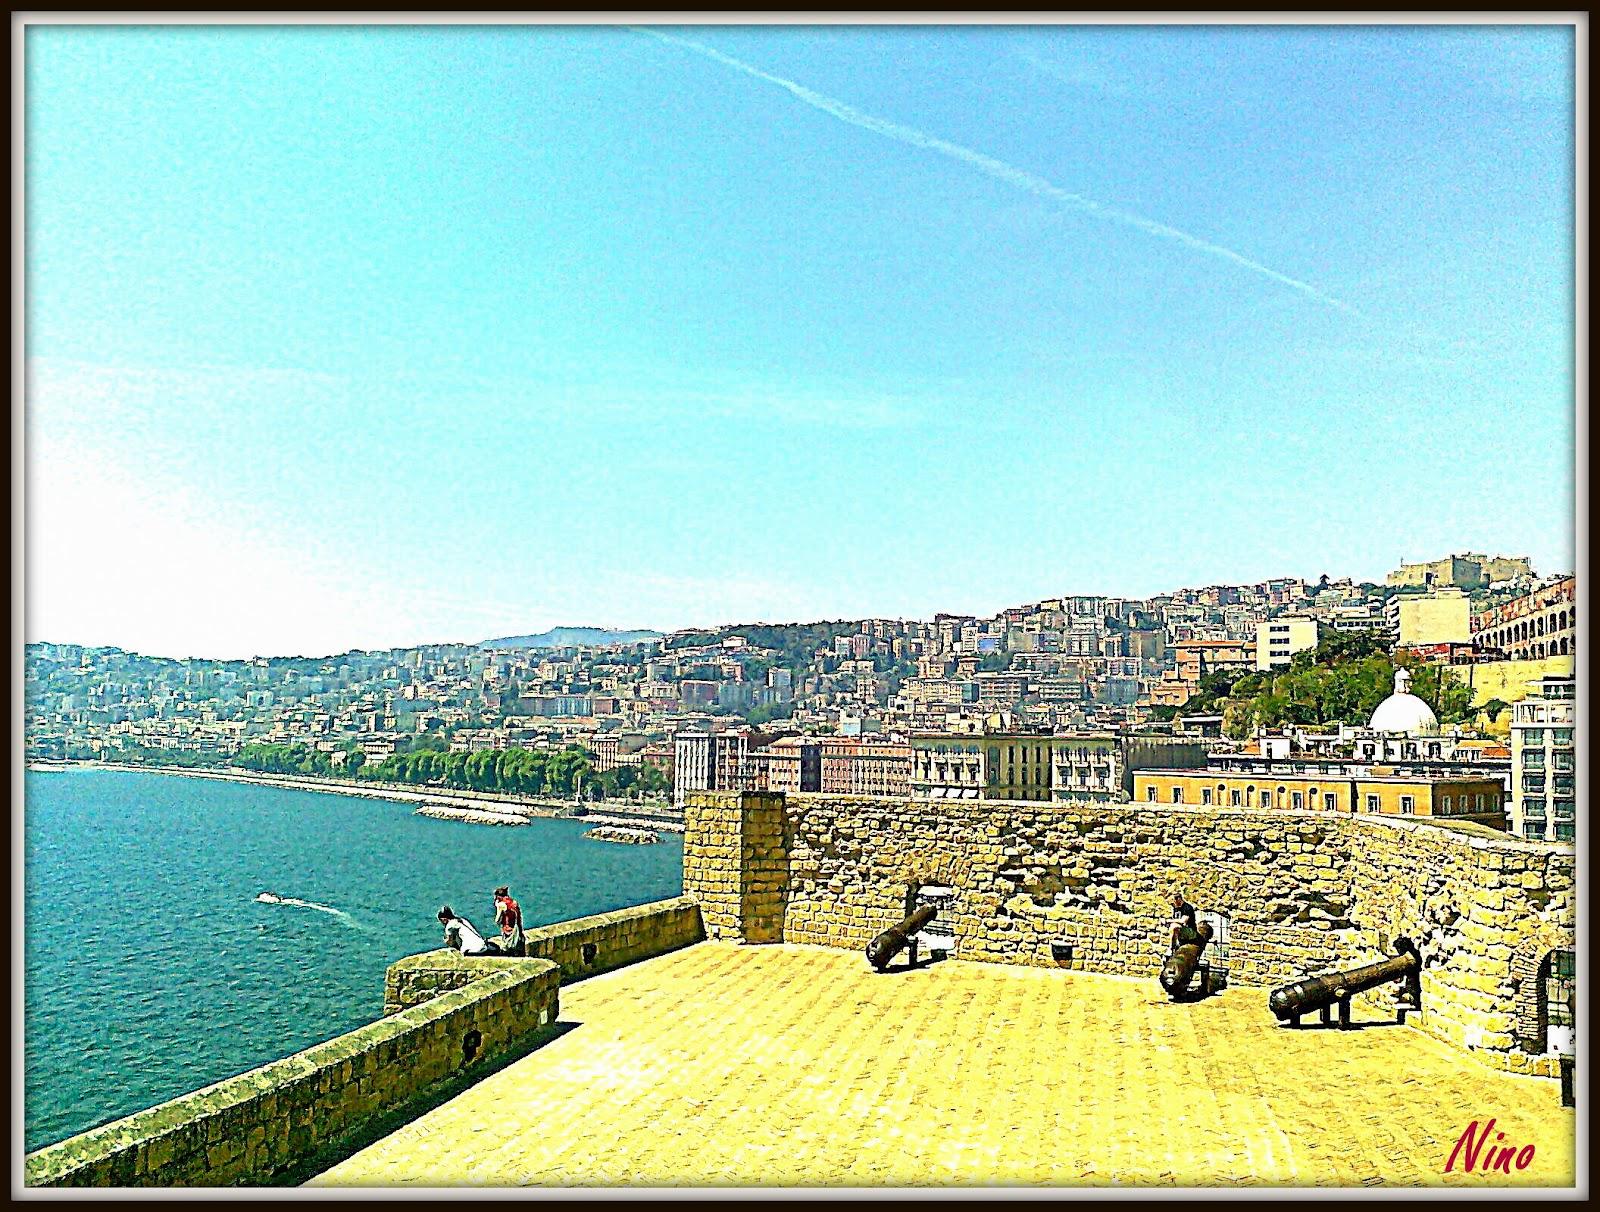 Napoli vista da uno studente: Napoli: un panorama mozzafiato, da 6 ...